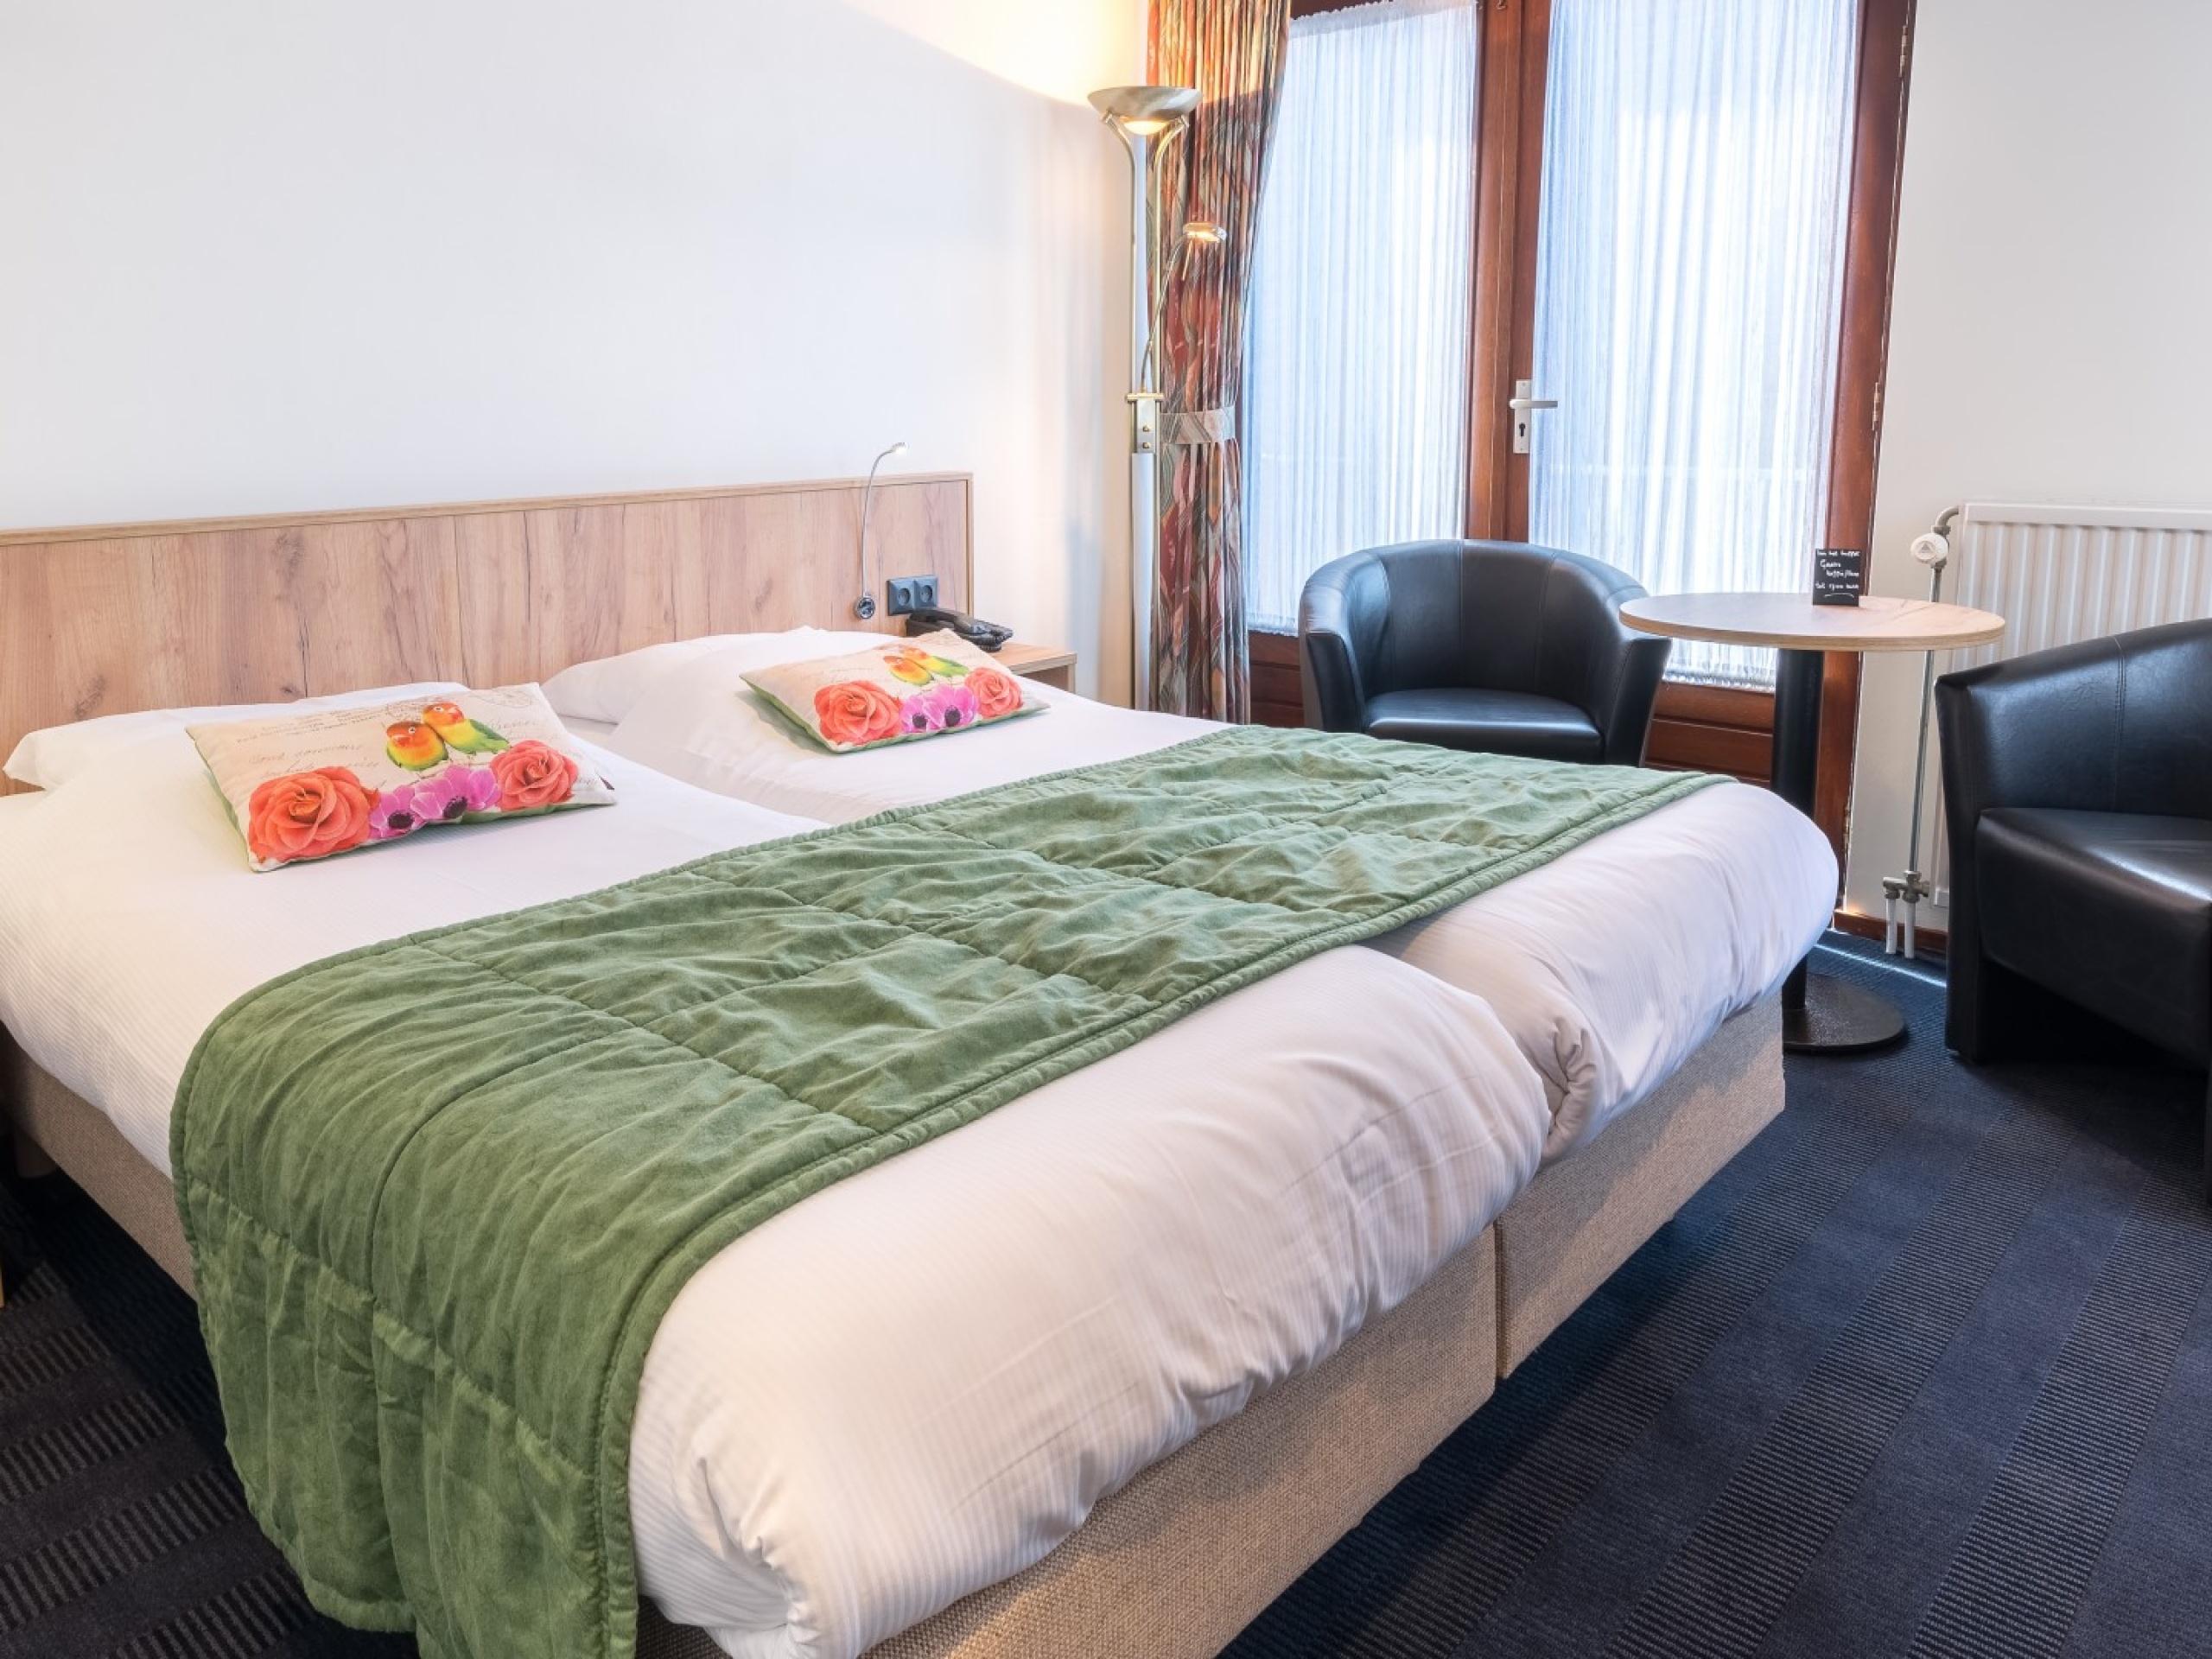 Familiehotel in De Koog met ruime, lichte kamers